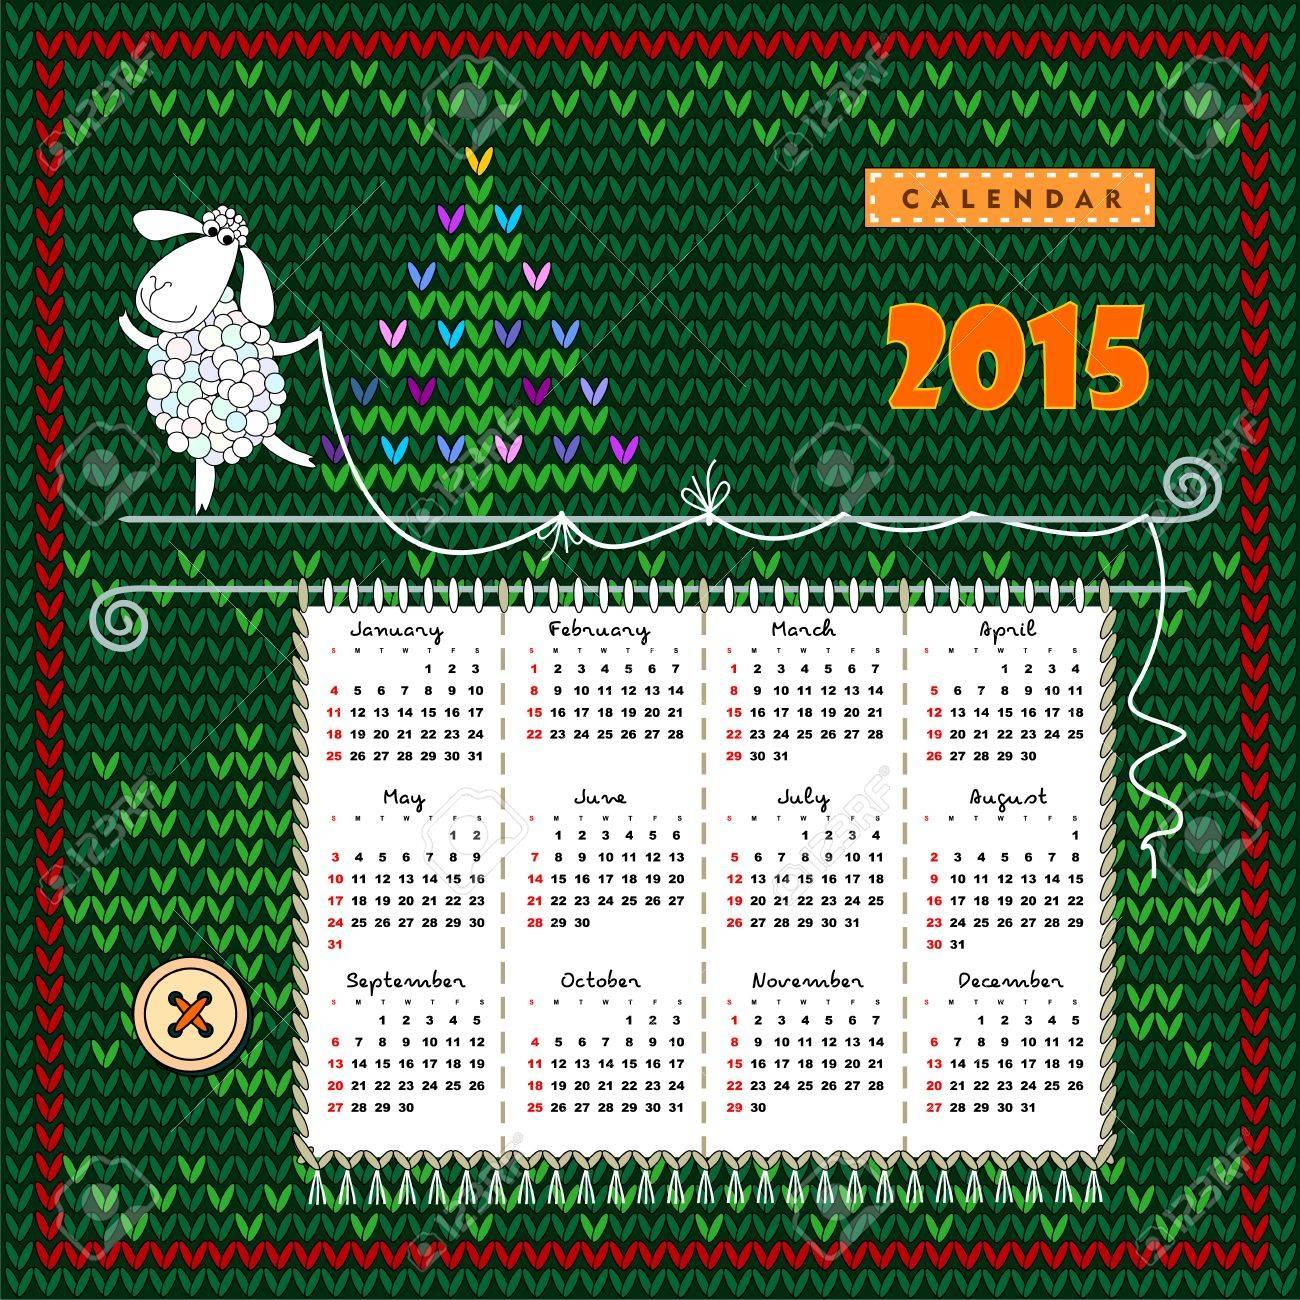 Super Calendario 2015 Con Nombres En Inglés De Los Meses Y Domingo  YL31